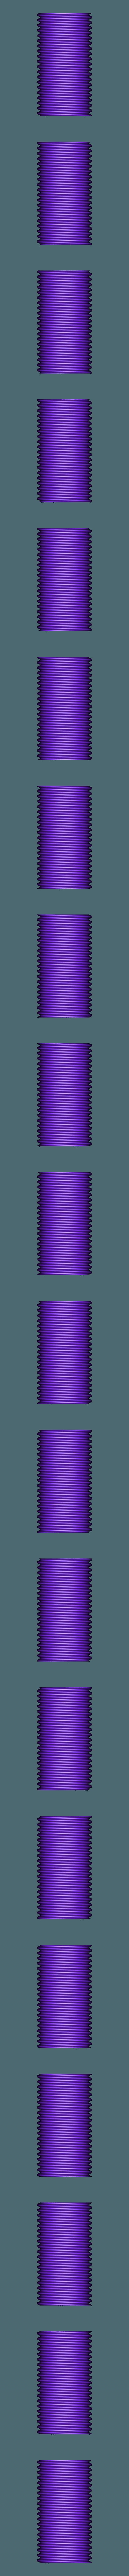 Silver - Shoulder pad - Screw (4x).stl Download STL file Final Fantasy VII - Buster Sword - Bracelet - Shoulder pad  • 3D print model, 3Dutchie